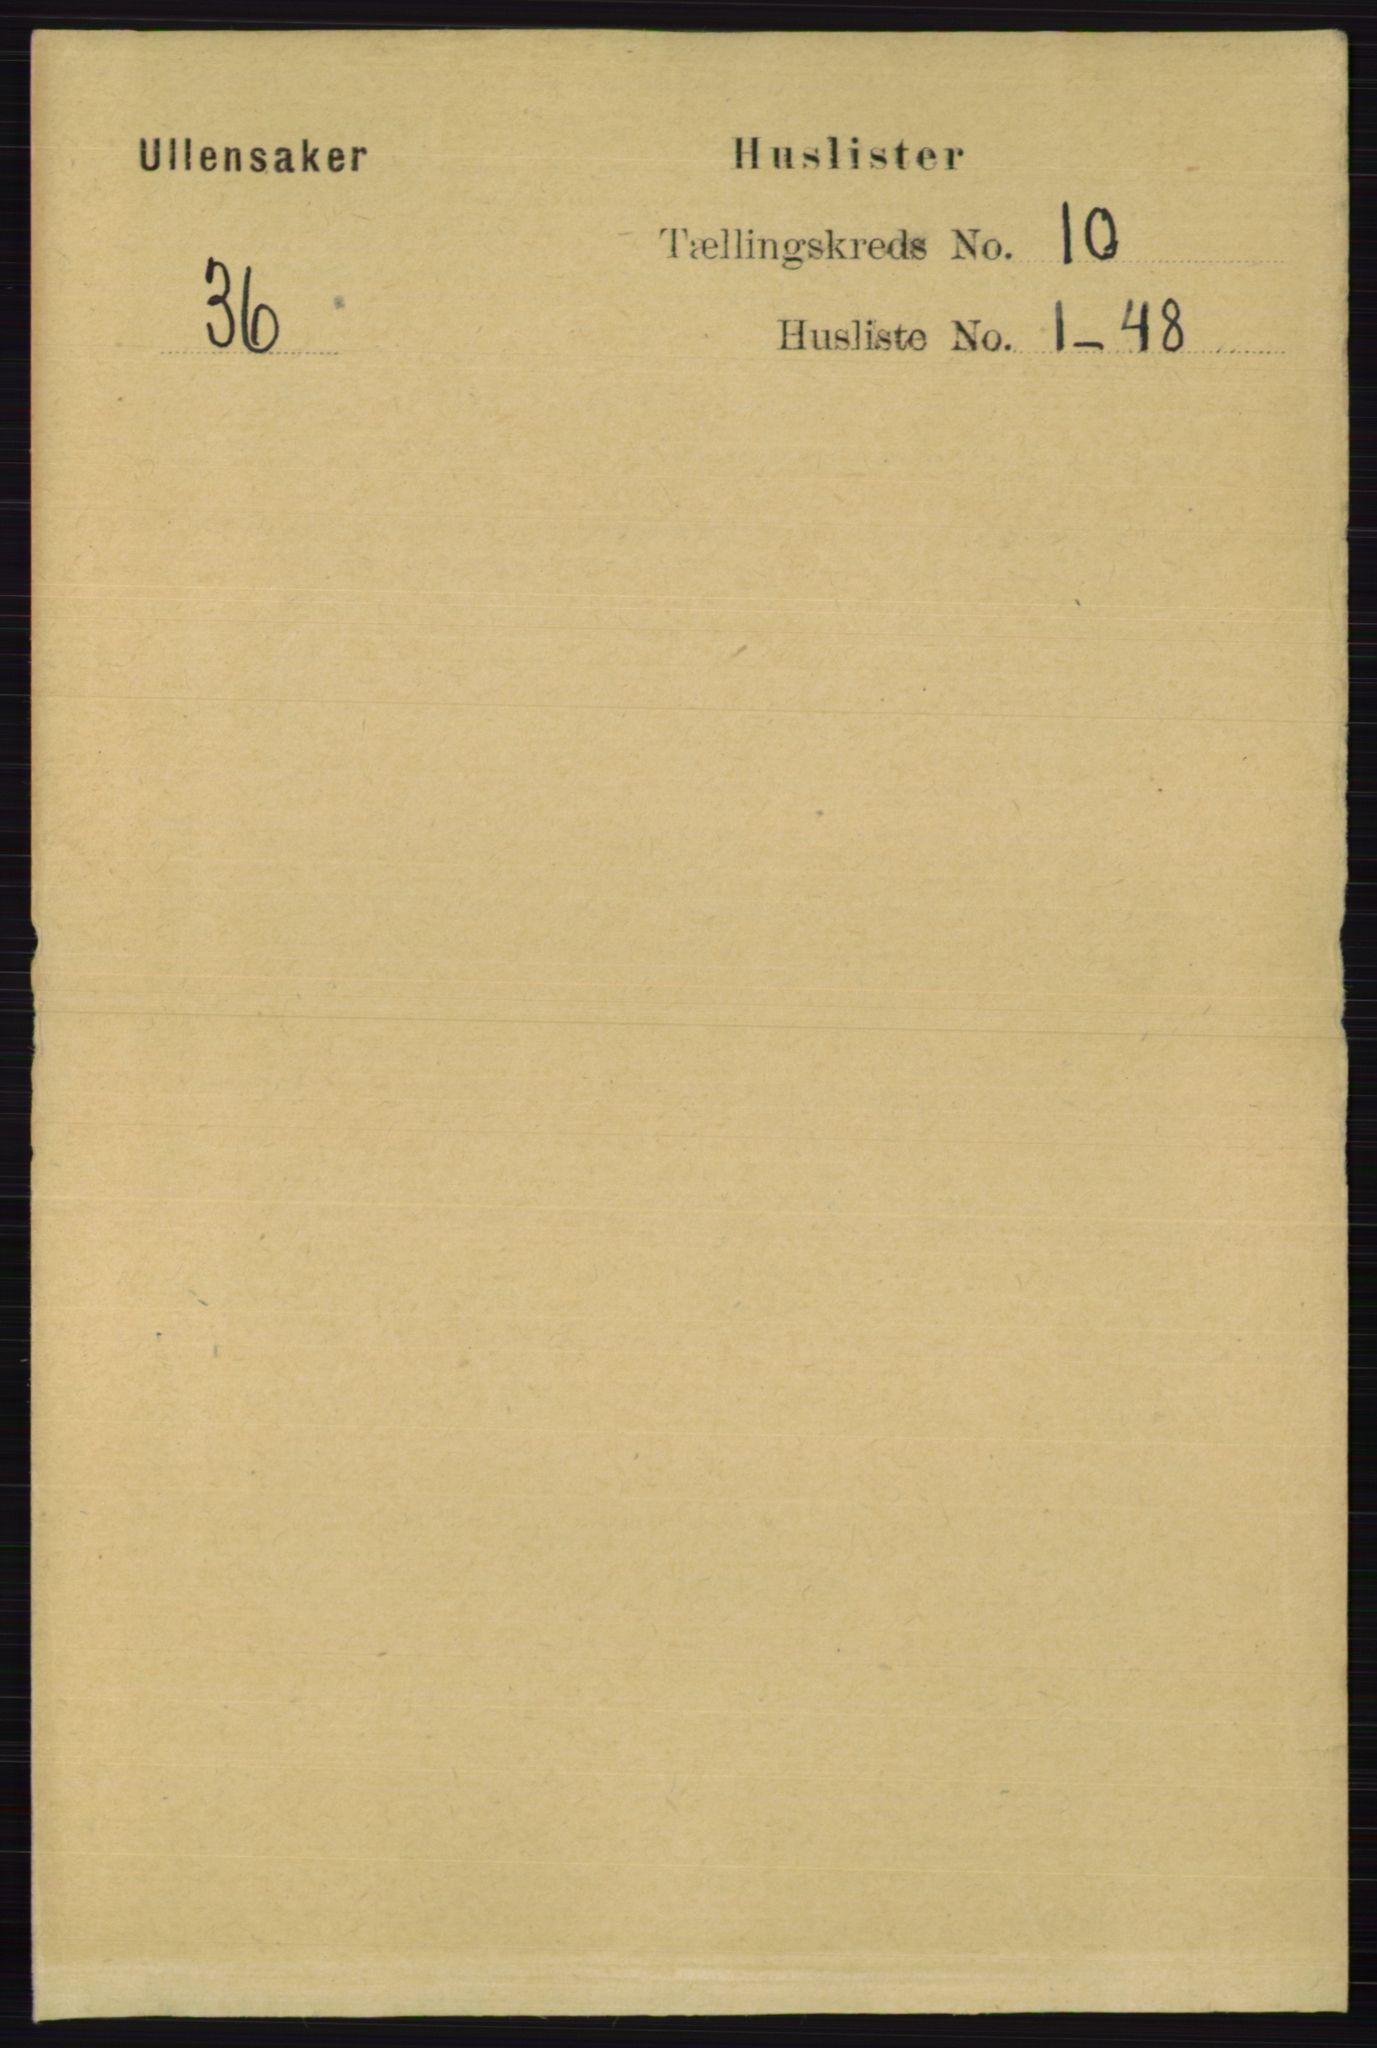 RA, Folketelling 1891 for 0235 Ullensaker herred, 1891, s. 4447